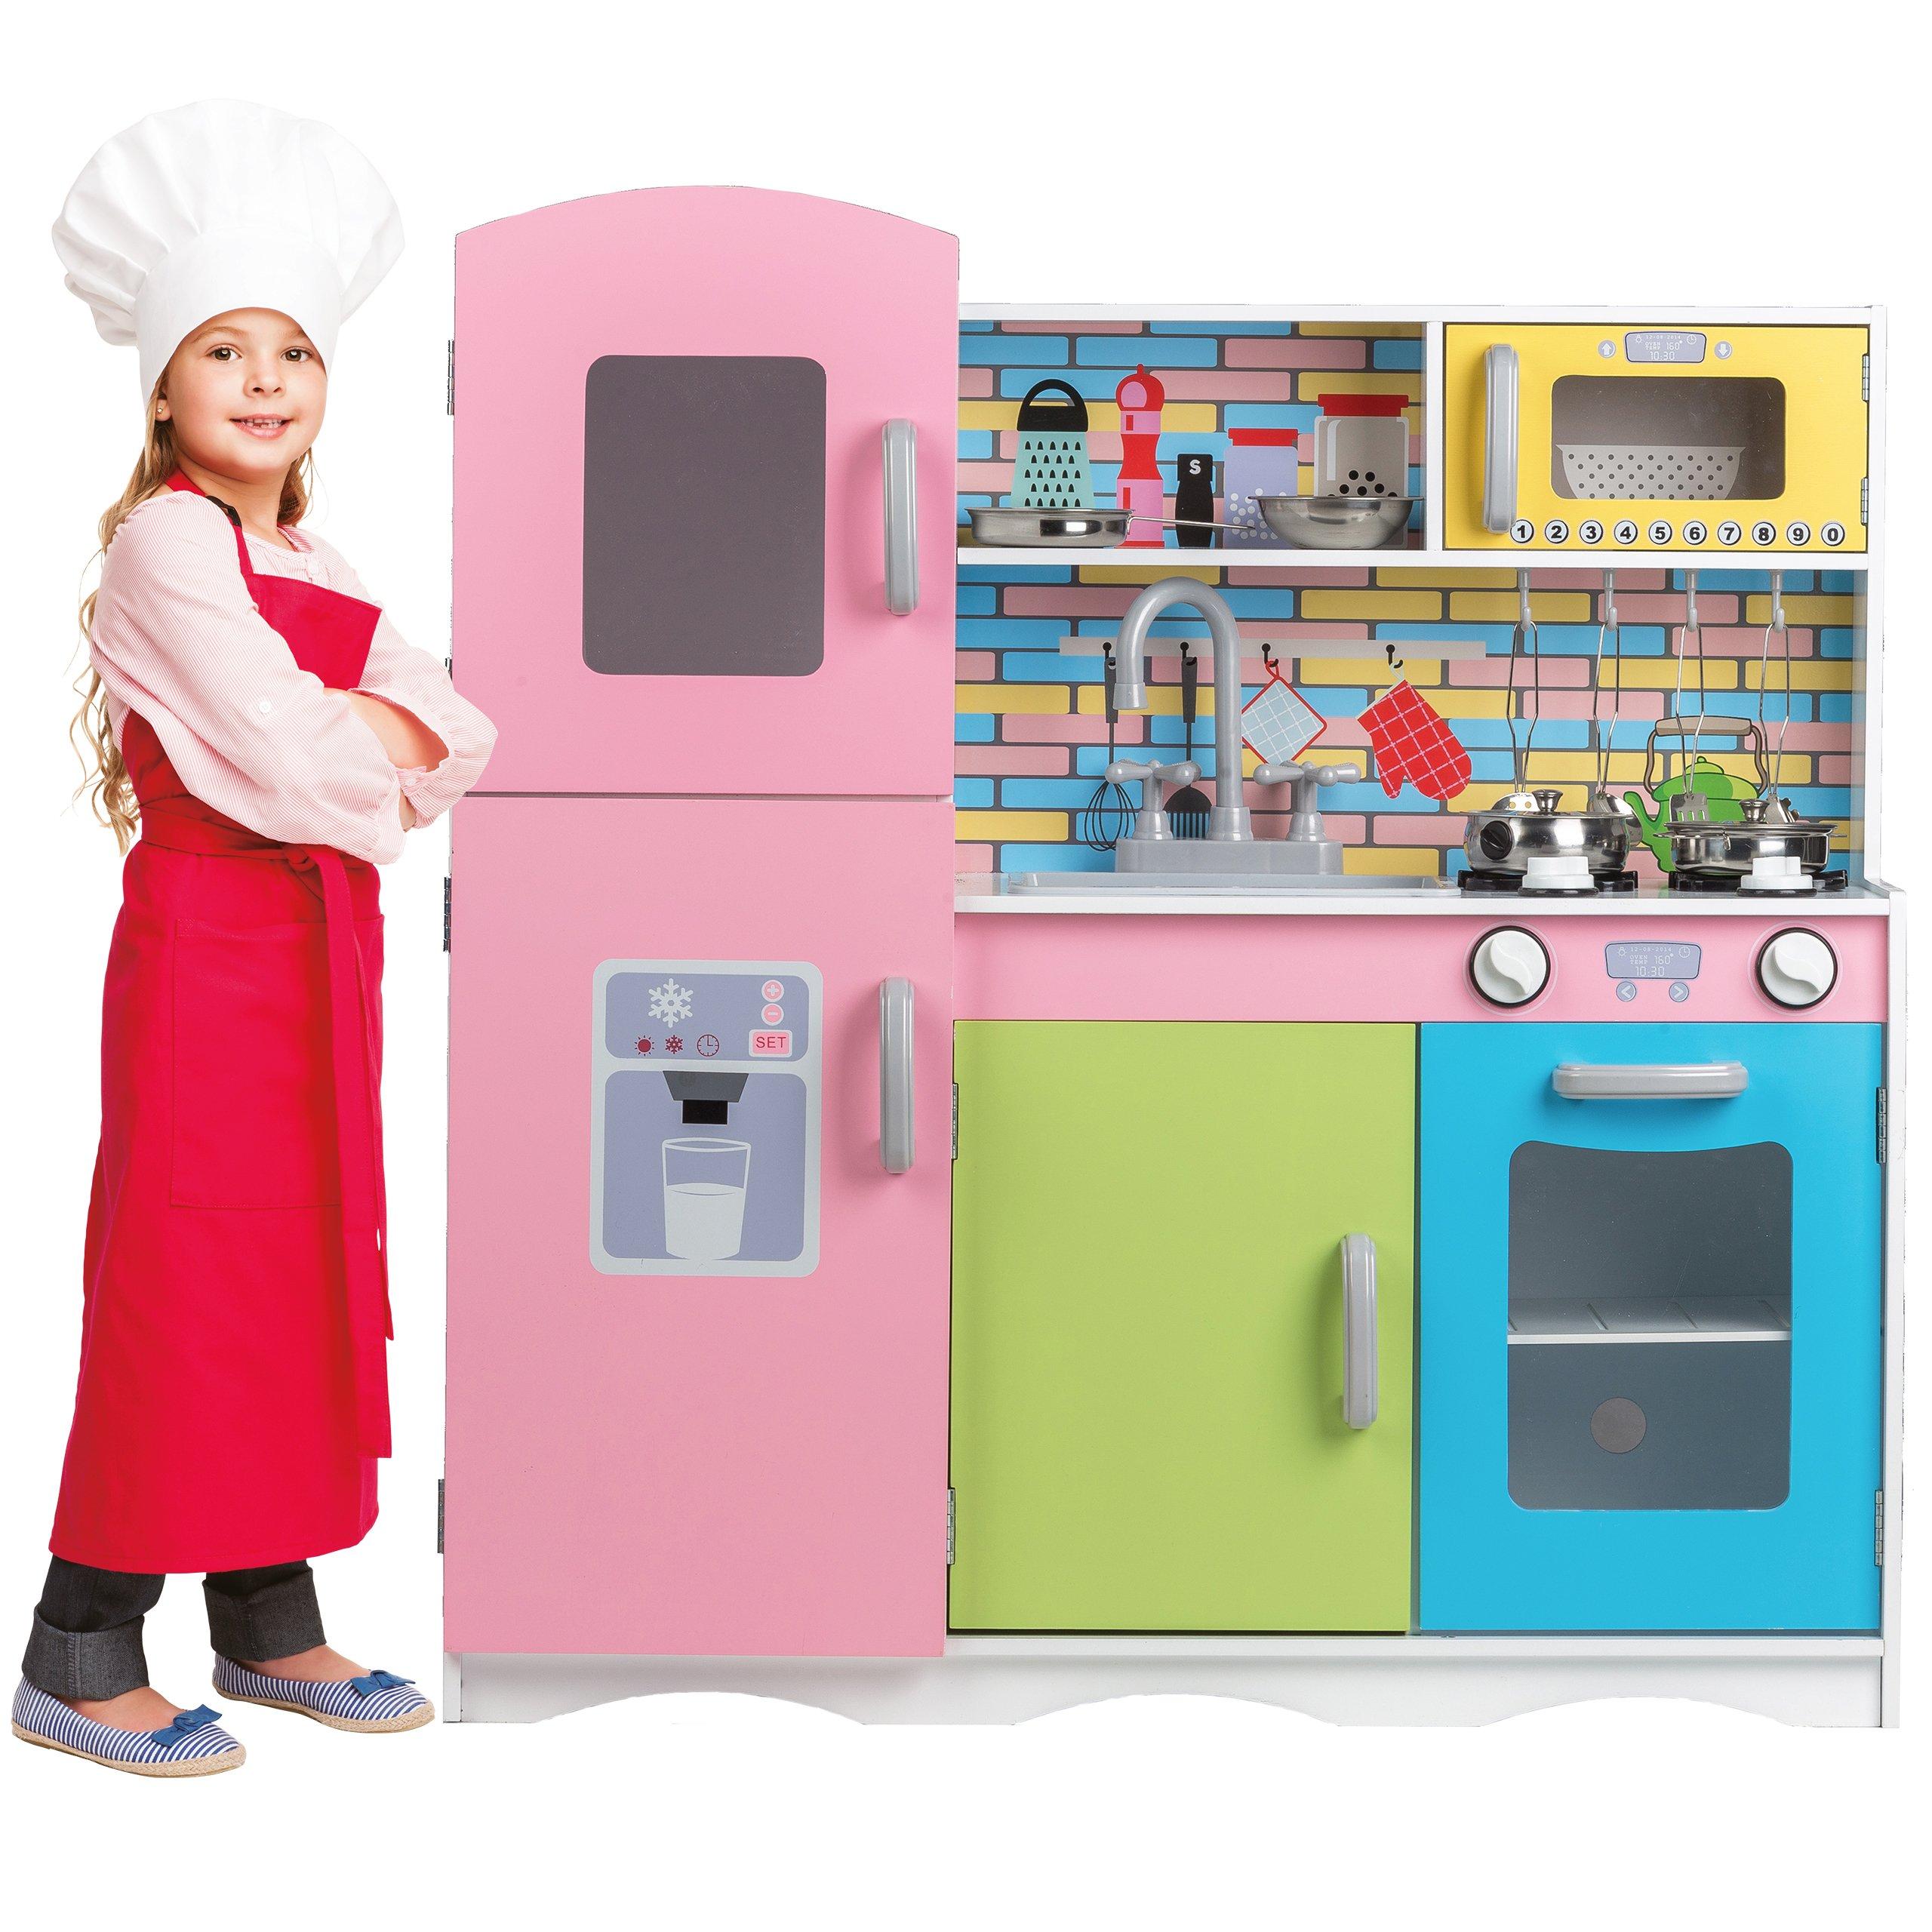 Kuchnia Drewniana Kuchenka Agd Dziecięca Zabawki